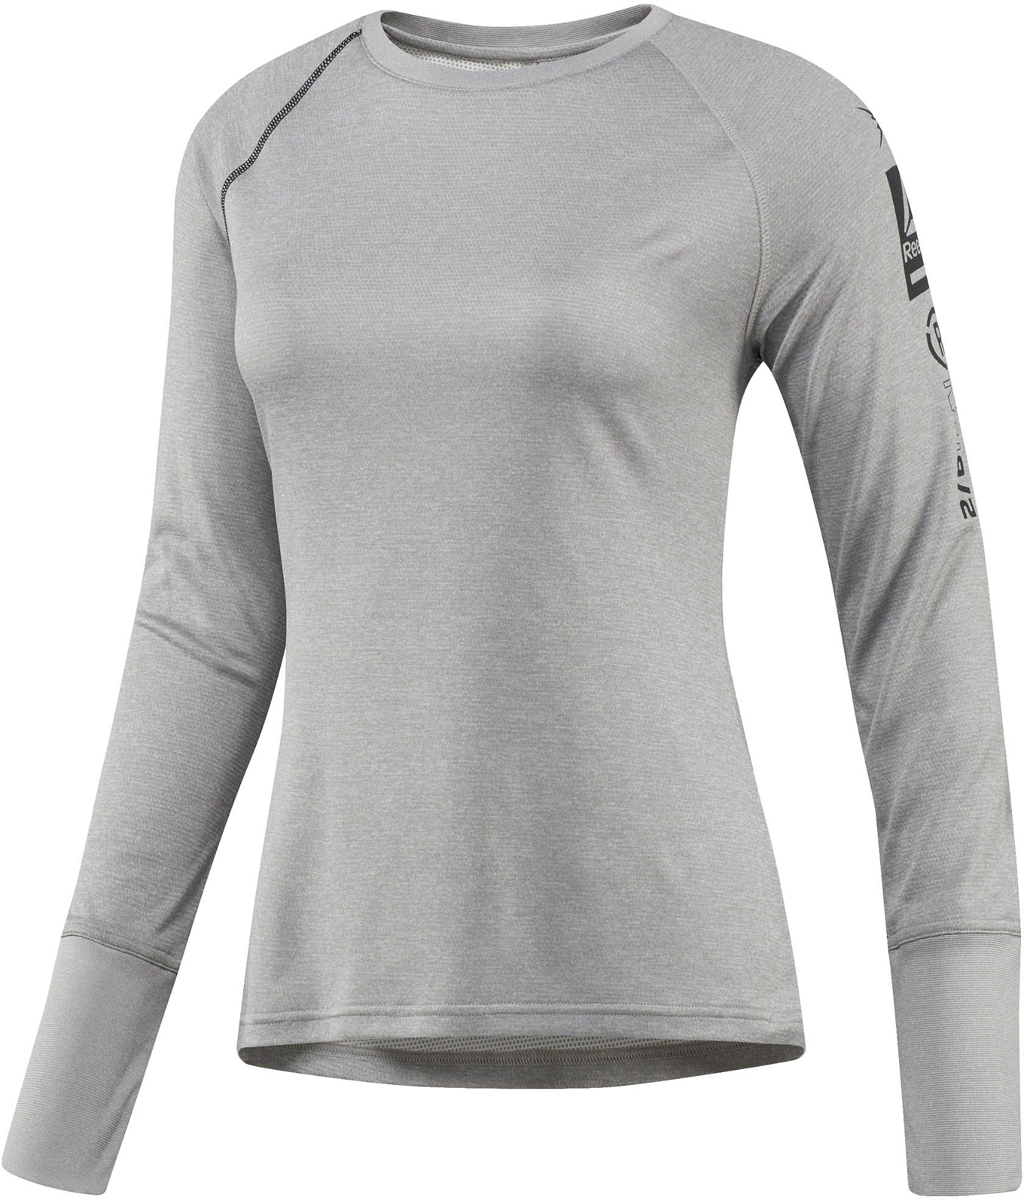 Термобелье футболка с длинным рукавом жен Reebok OD Thrml BL F TOP, цвет: серый. S96420. Размер S (42/44)S96420В этой удобной футболке с длинным рукавом тренировки на улице будут приносить еще больше радости. Теплый материал с технологией отвода влаги подарит ощущение комфорта и сухости. Плоские швы предотвращают риск натирания, а эластичные манжеты обеспечат оптимальную посадкуОблегающий крой идеально подходит для тренировок и повторяет каждое движениеИдеально для занятий спортом в прохладную погодуТехнология Speedwick отводит излишки влаги с поверхности тела, оставляя ощущение сухости и комфортаМягкий эластичный пояс для комфортной посадкиПлоские швы сводят к минимуму риск натиранияМатериал: 100% полиэстер, ткань двойного плетения для эластичности и тепла